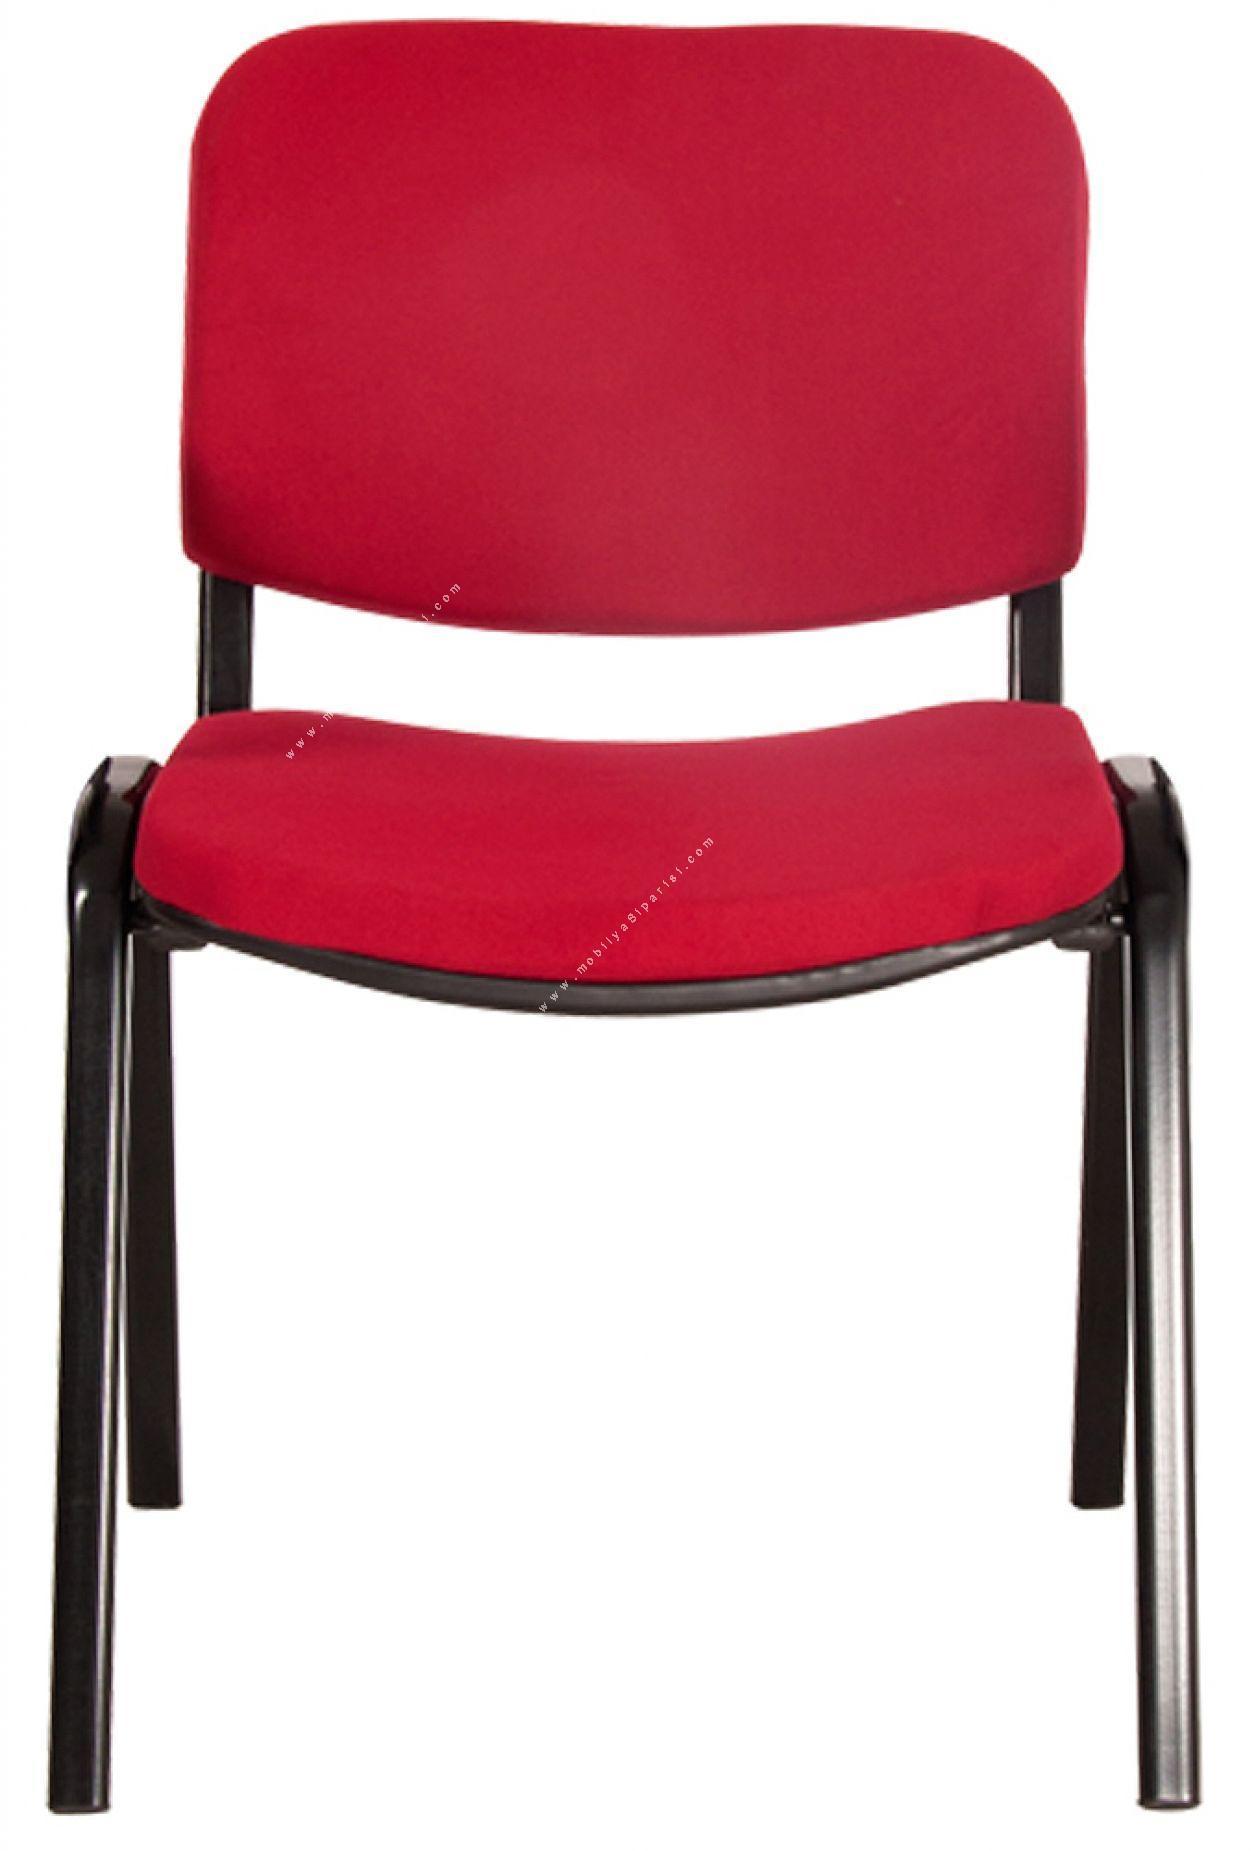 form boyalı ayaklı sandalye